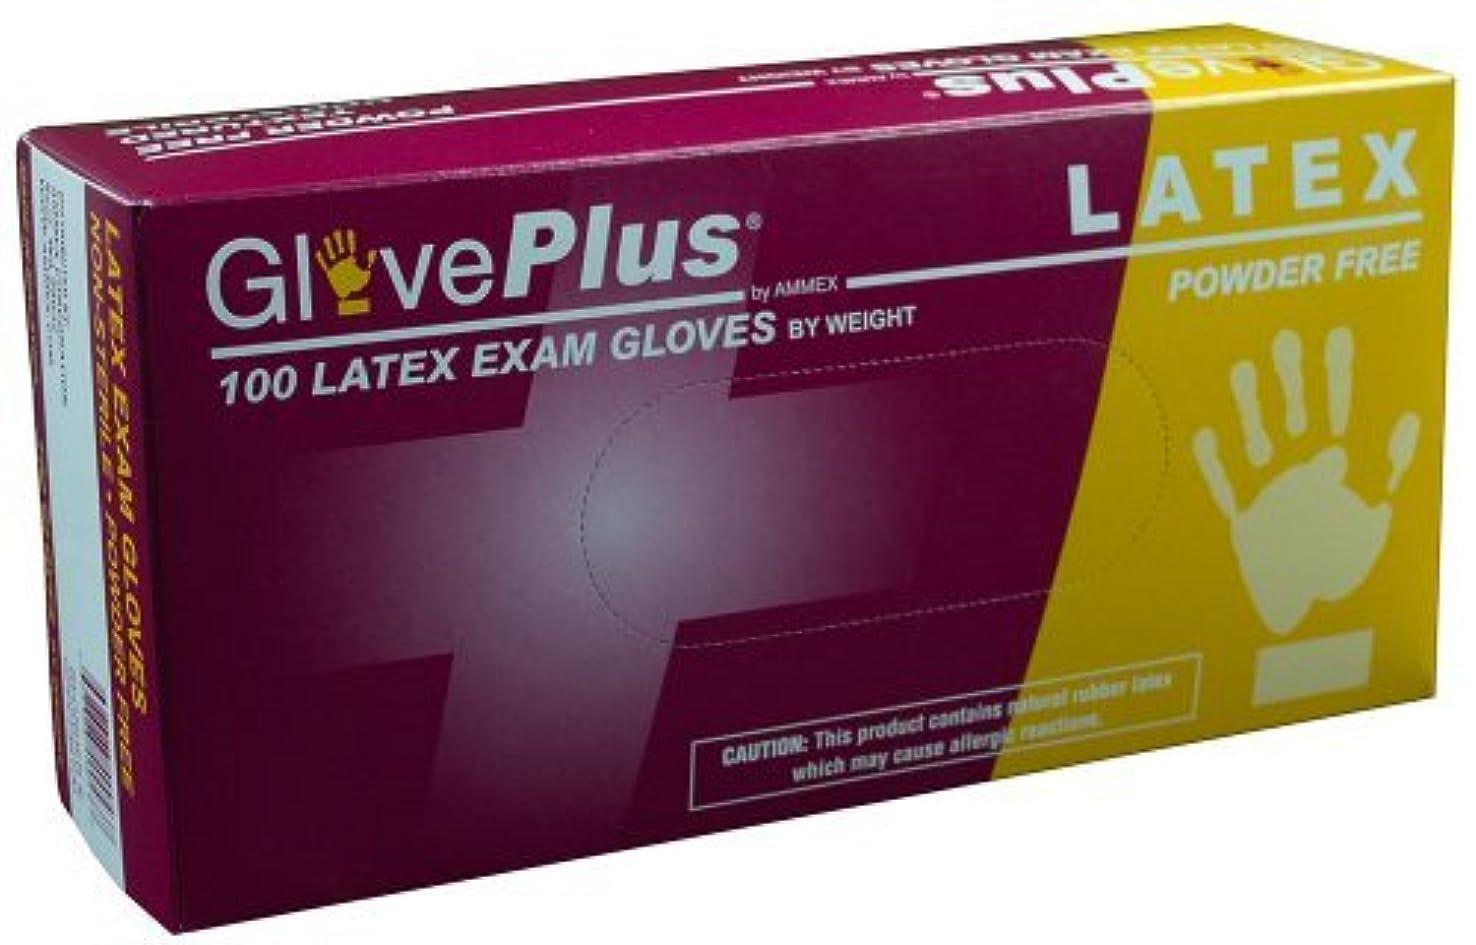 試みクローン取るAMMEX - GPPFT48100-BX - Latex Gloves - GlovePlus - Disposable Powder Free Exam 4 mil Extra Large White (Box of 100) [並行輸入品]